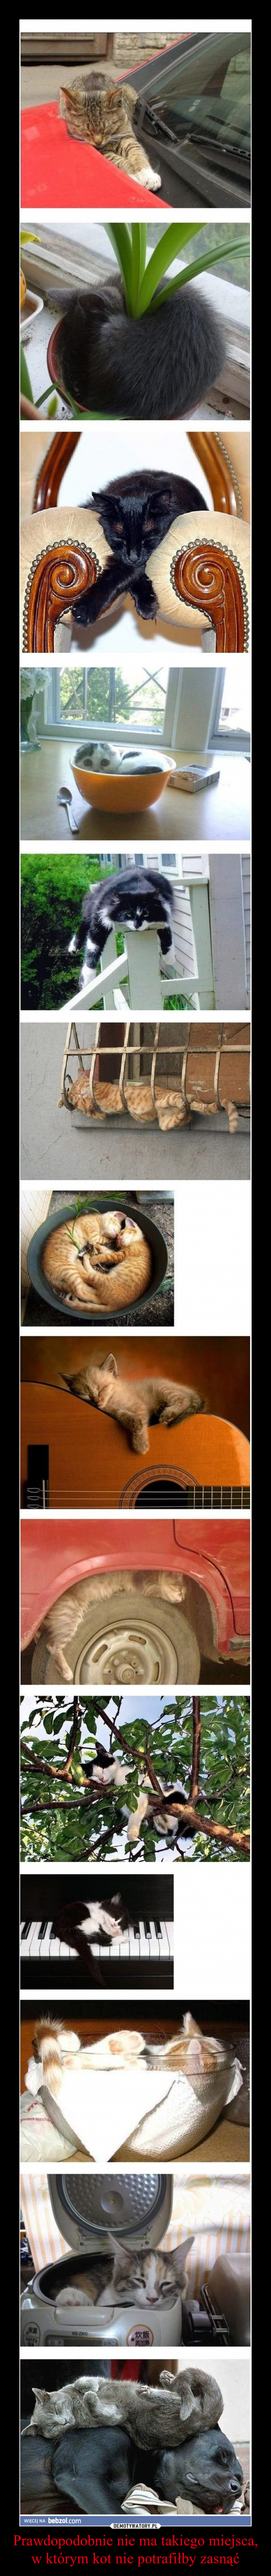 Prawdopodobnie nie ma takiego miejsca, w którym kot nie potrafiłby zasnąć –